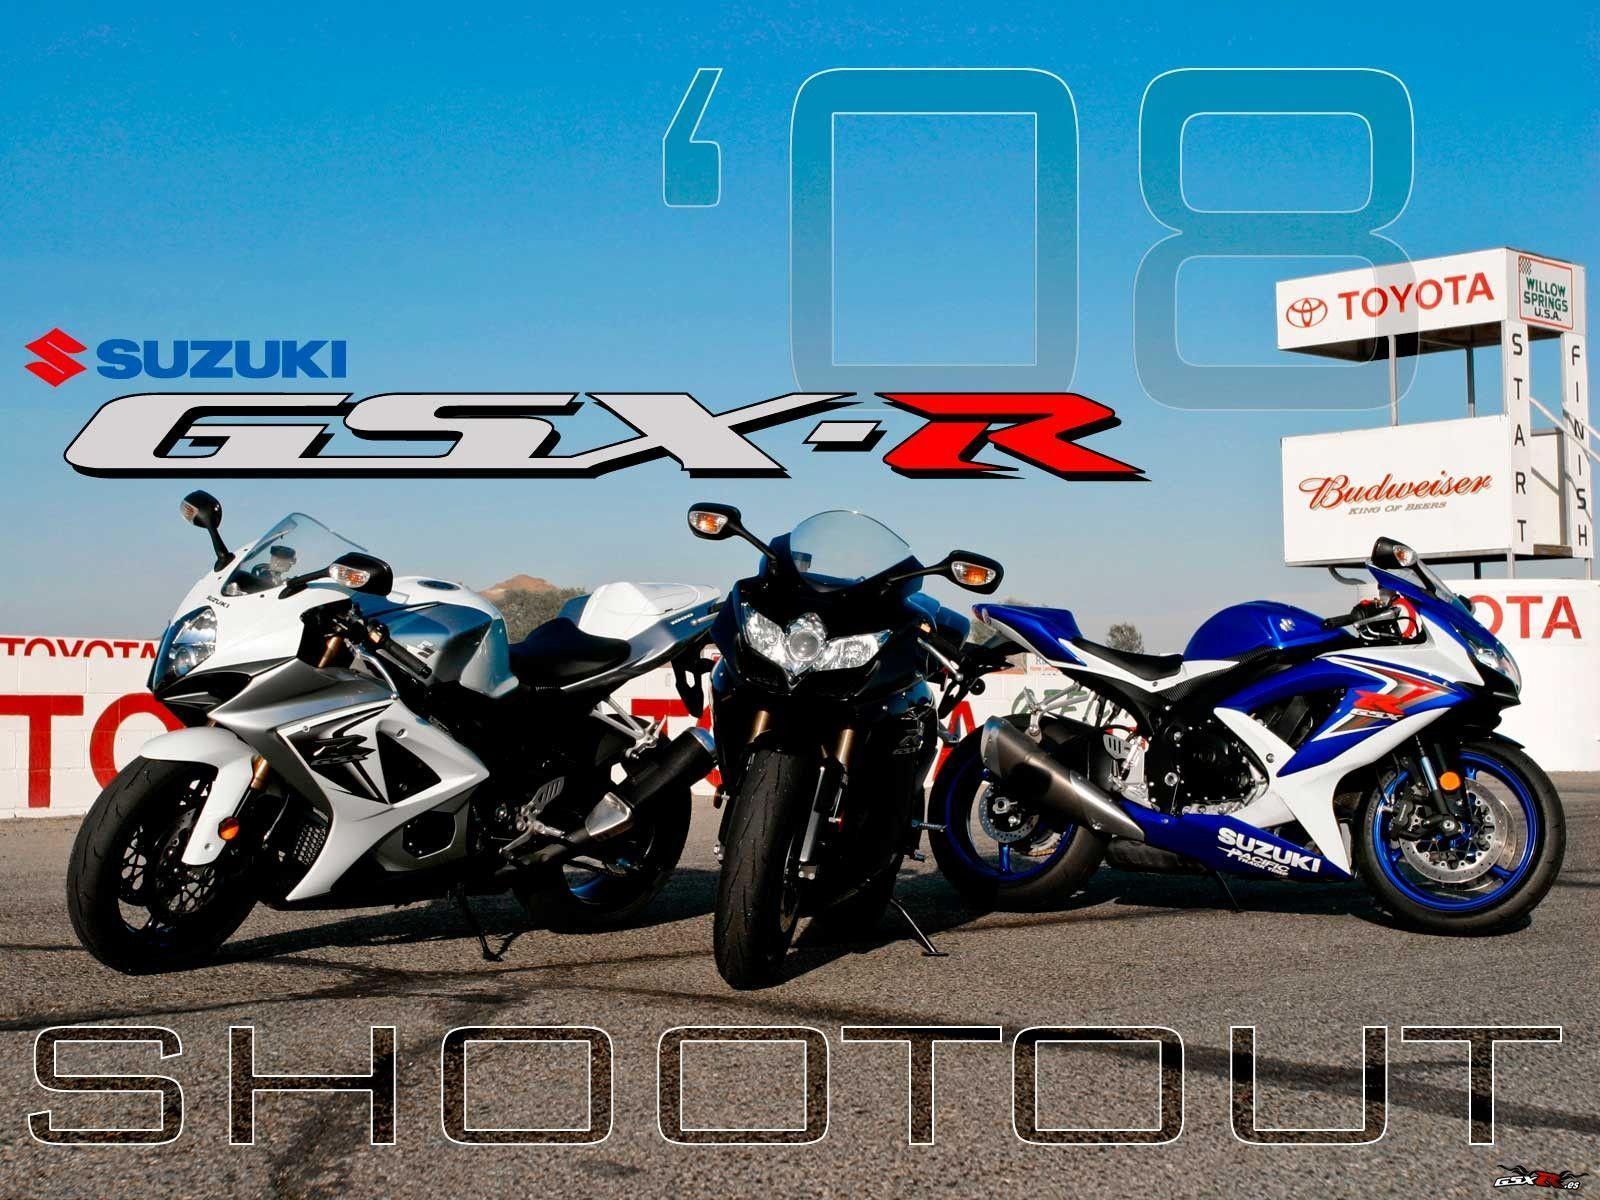 Suzuki Gsxr 1000 Wallpaper 24094 Hd Wallpapers in Bikes - Telusers.com